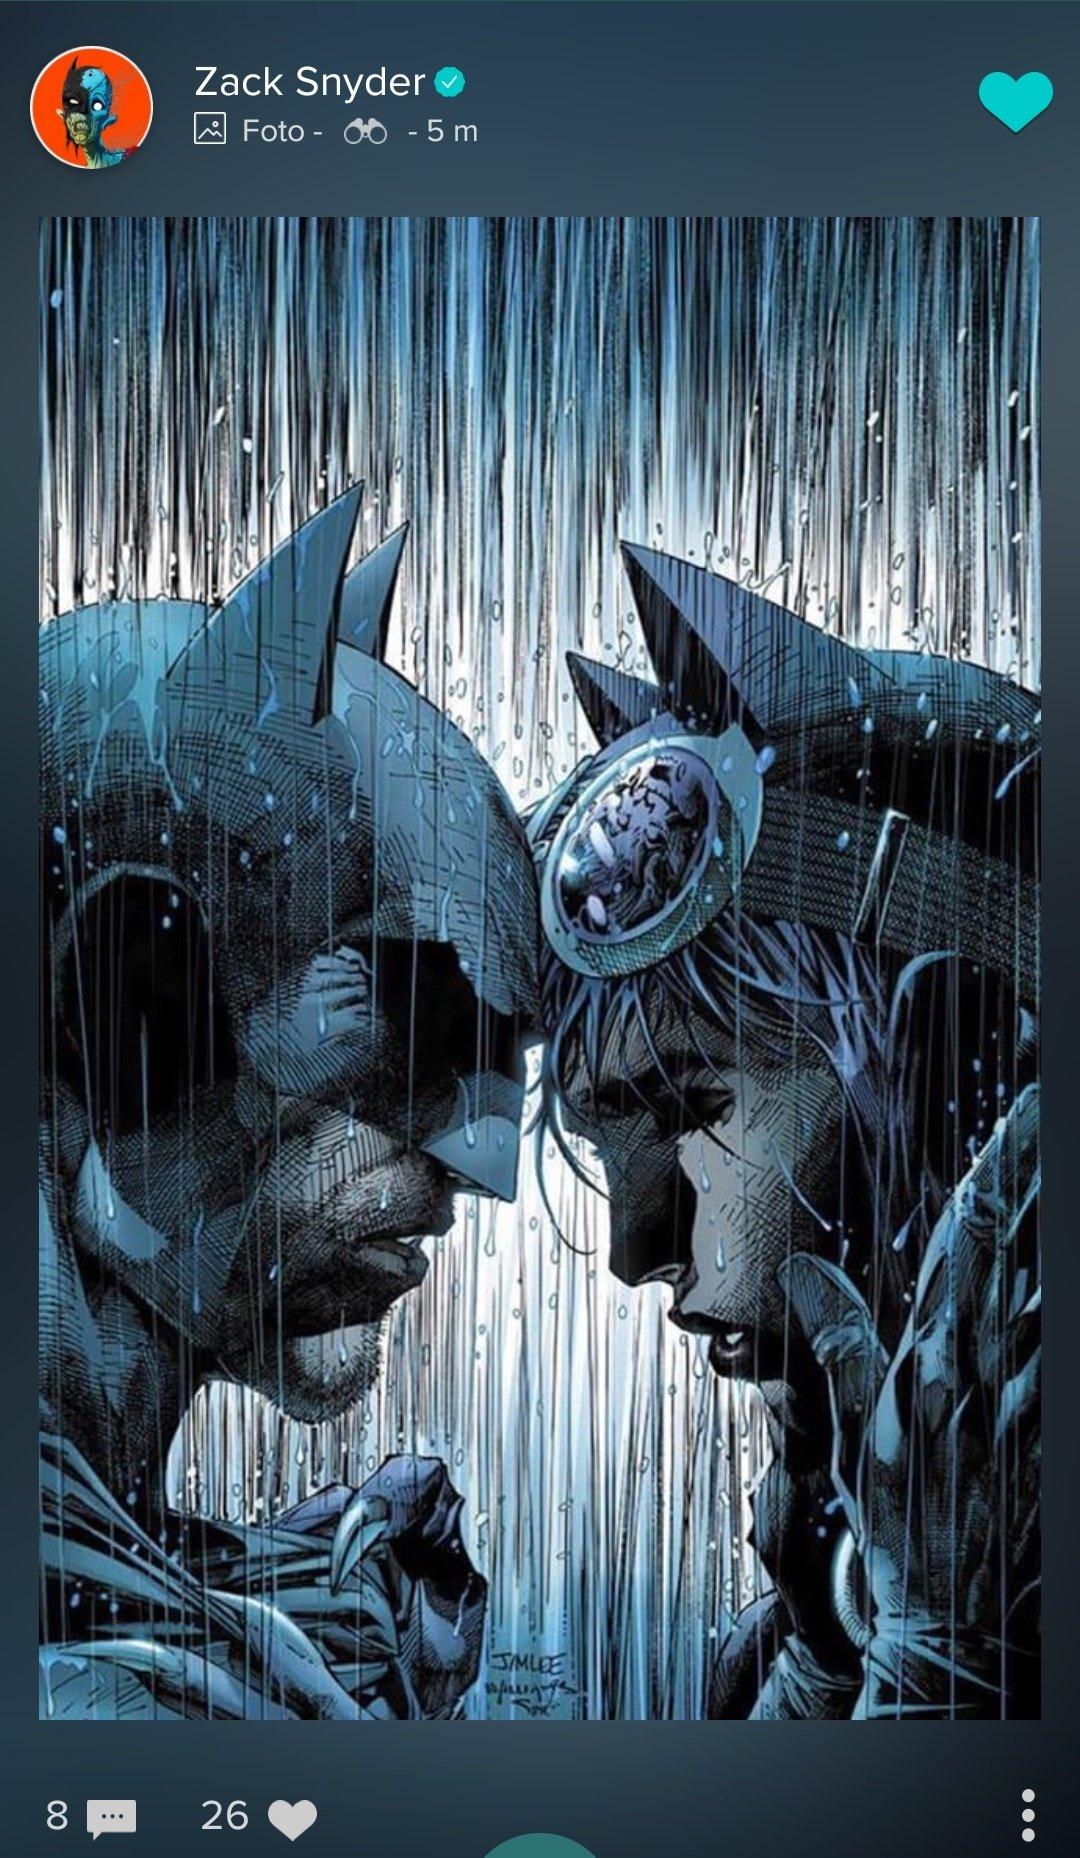 Portada variante de Batman #50 (septiembre de 2018) en la cuenta de Vero del director Zack Snyder. Arte por Jim Lee y Scott Williams. Imagen: DC Cinematic Reddit